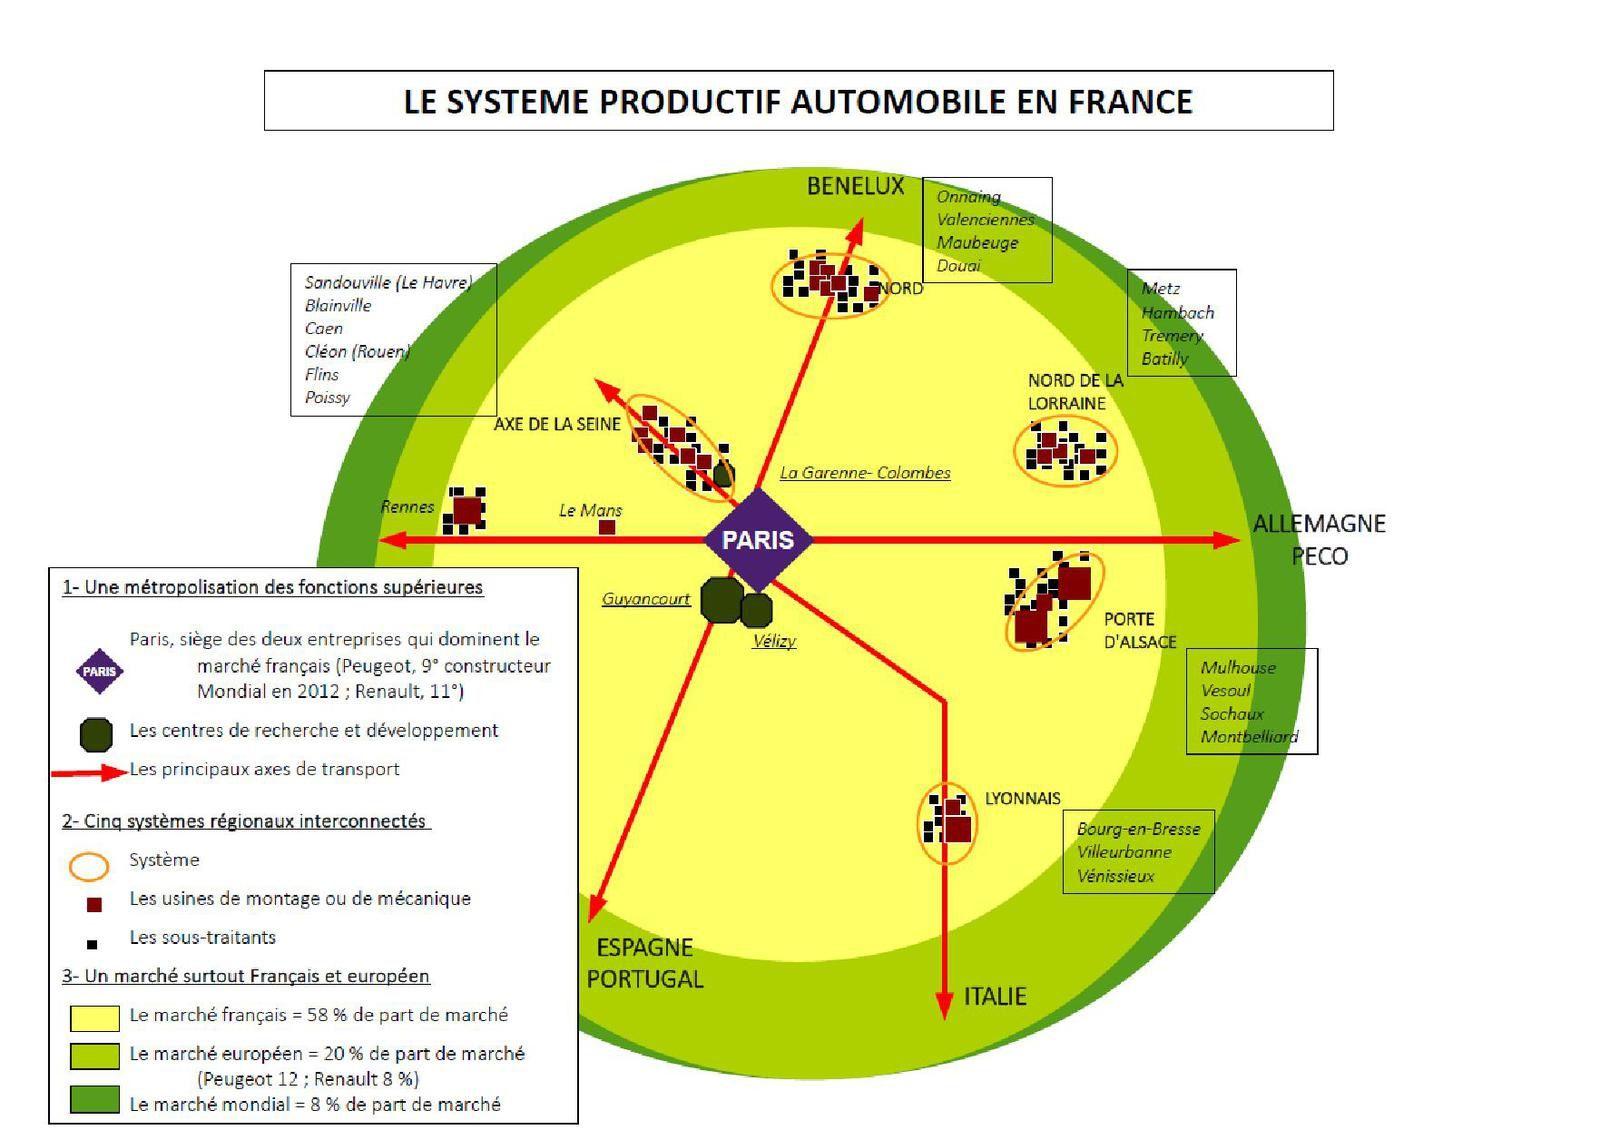 Etudier une entreprise dans un système productif : l'exemple de Peugeot et de l'industrie automobile en France